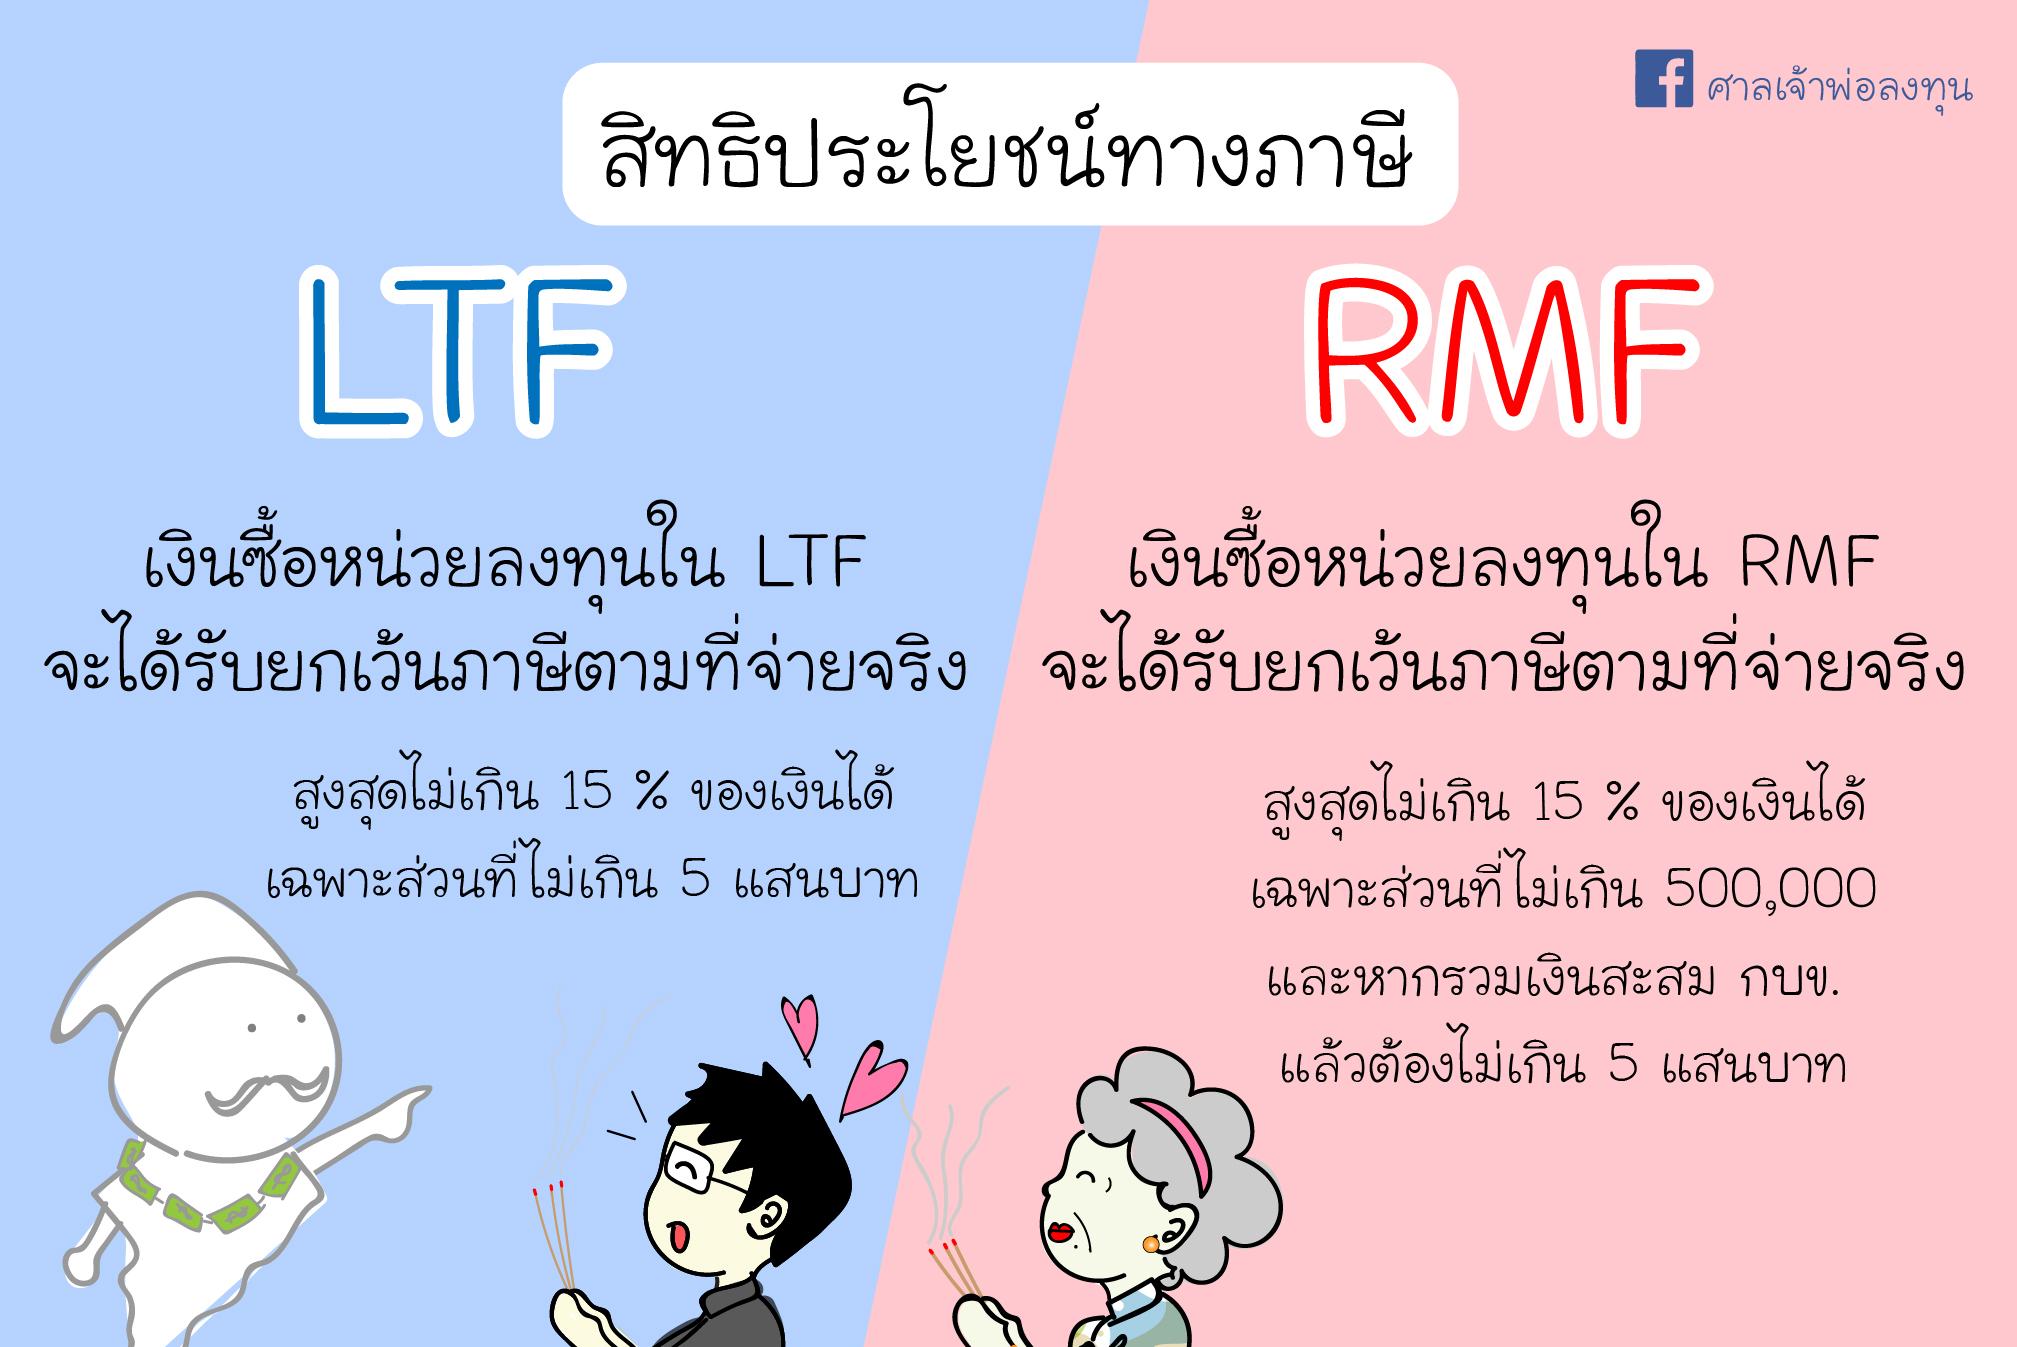 ศาลเจ้าพ่อลงทุน - LTF vs RMF-07